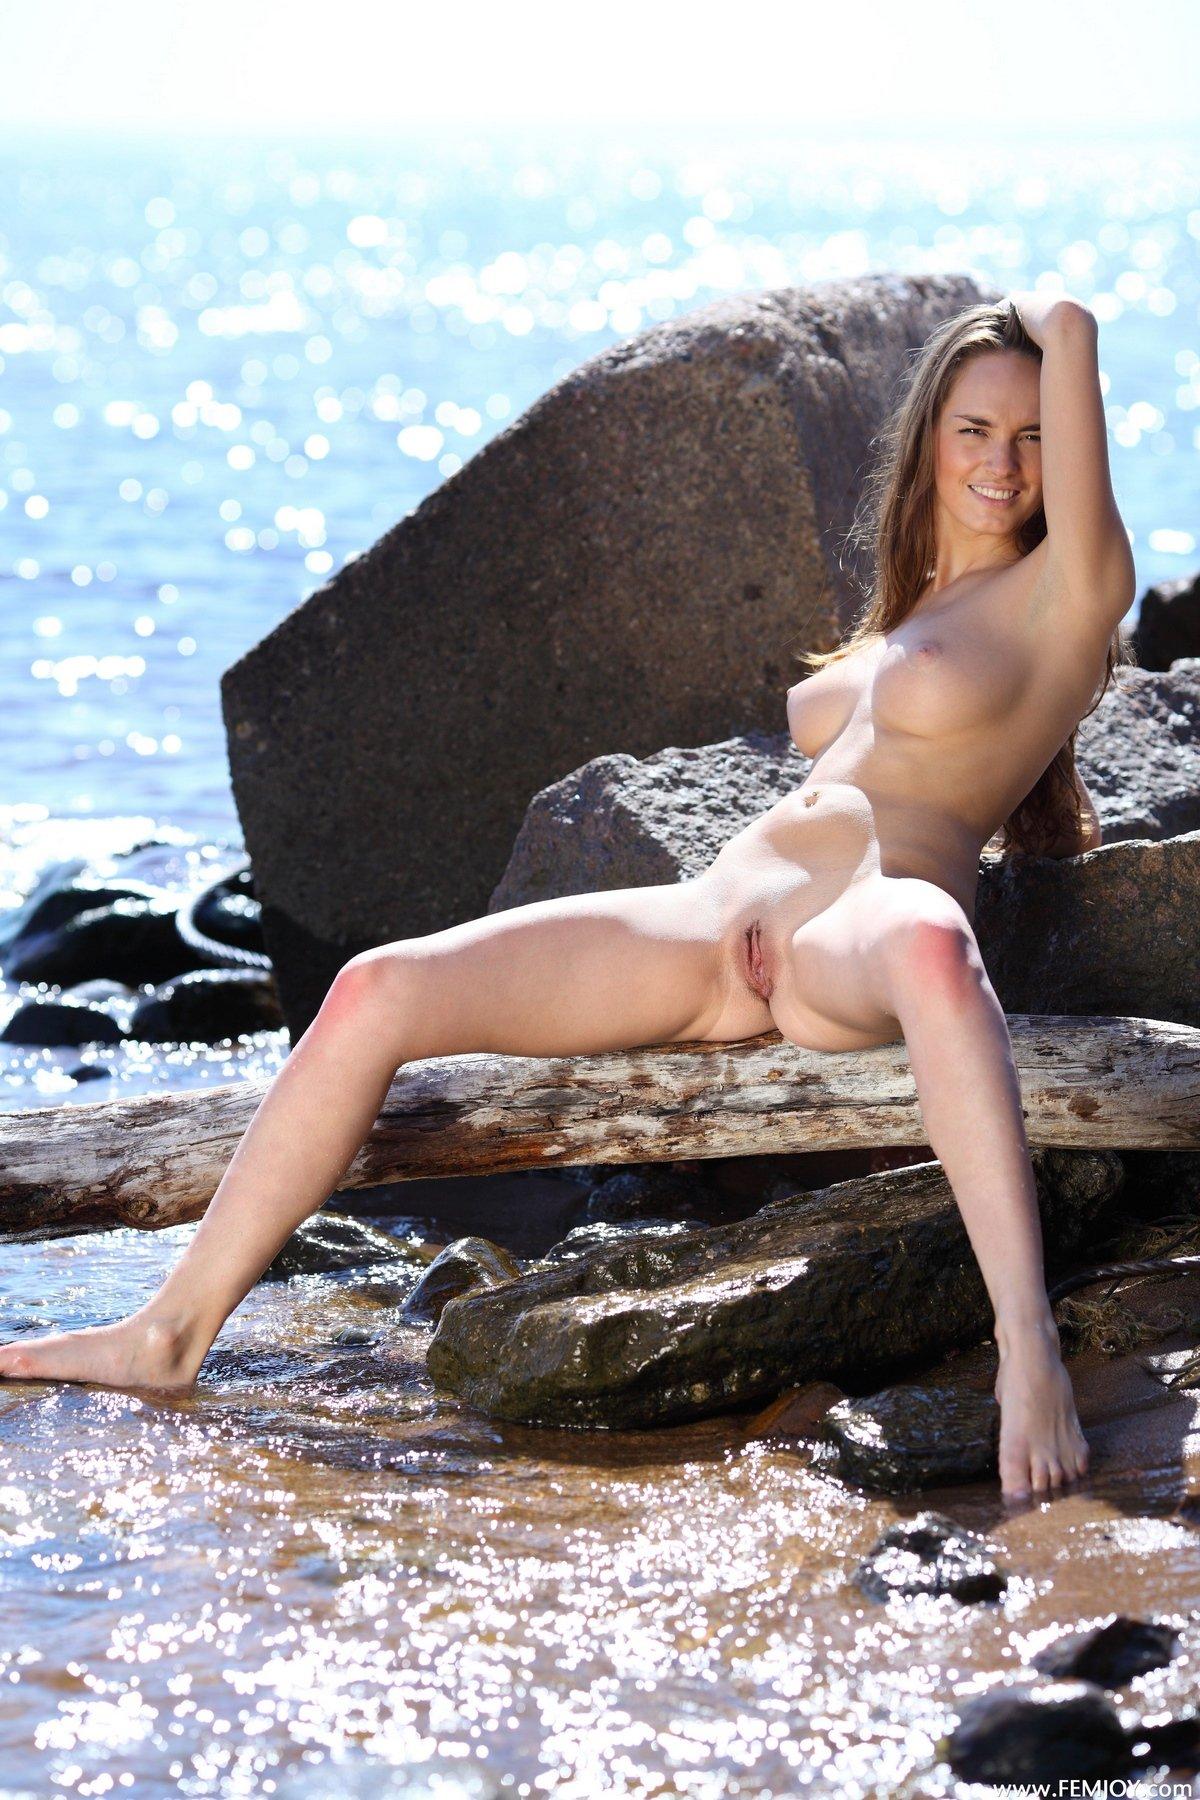 Нагая кобыла с идеальными сисями плещется на море